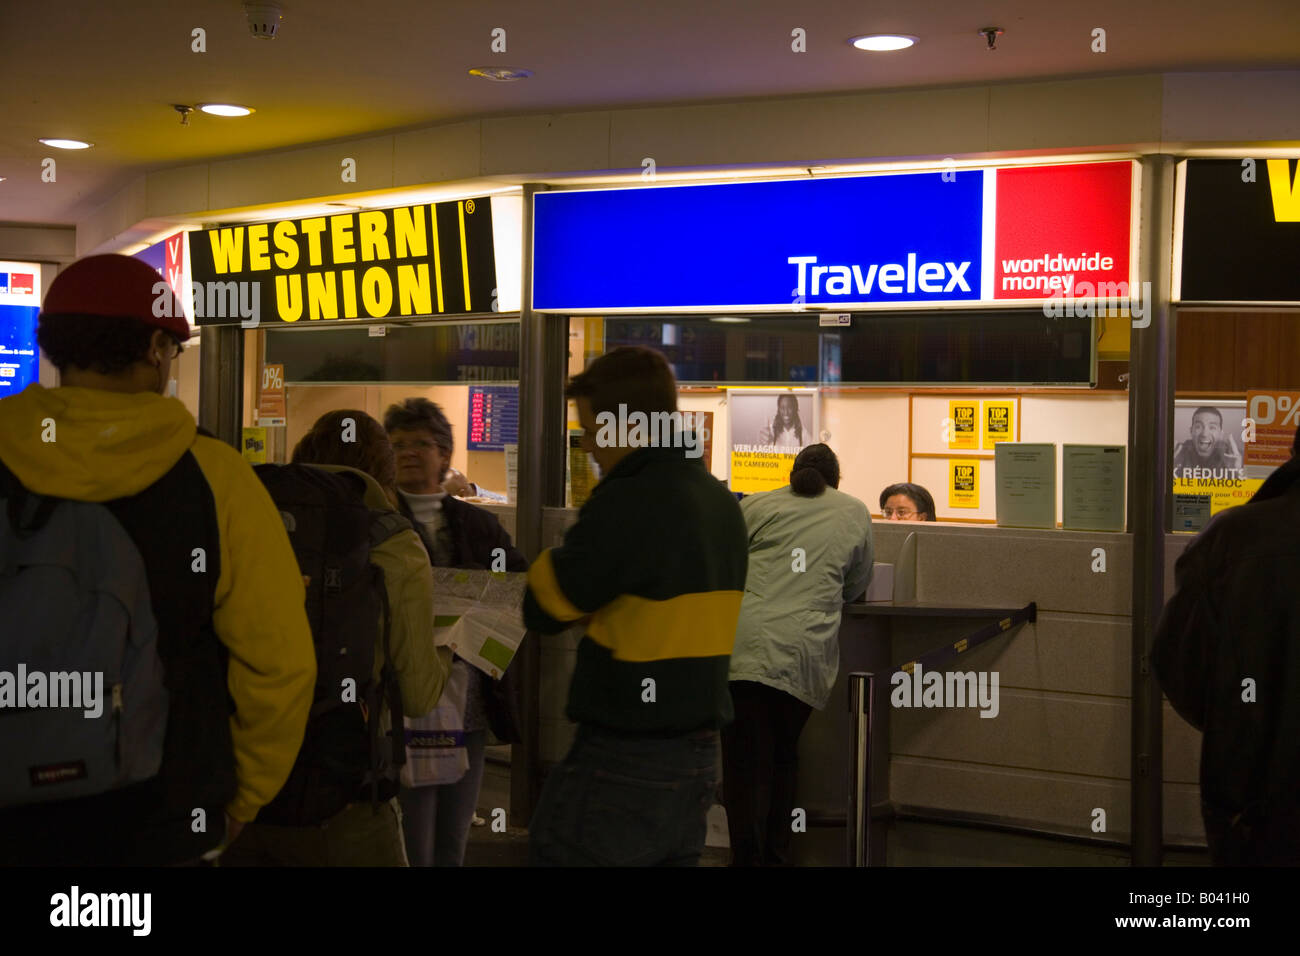 Travelex bureau de change at bruxelles midi station brussels stock